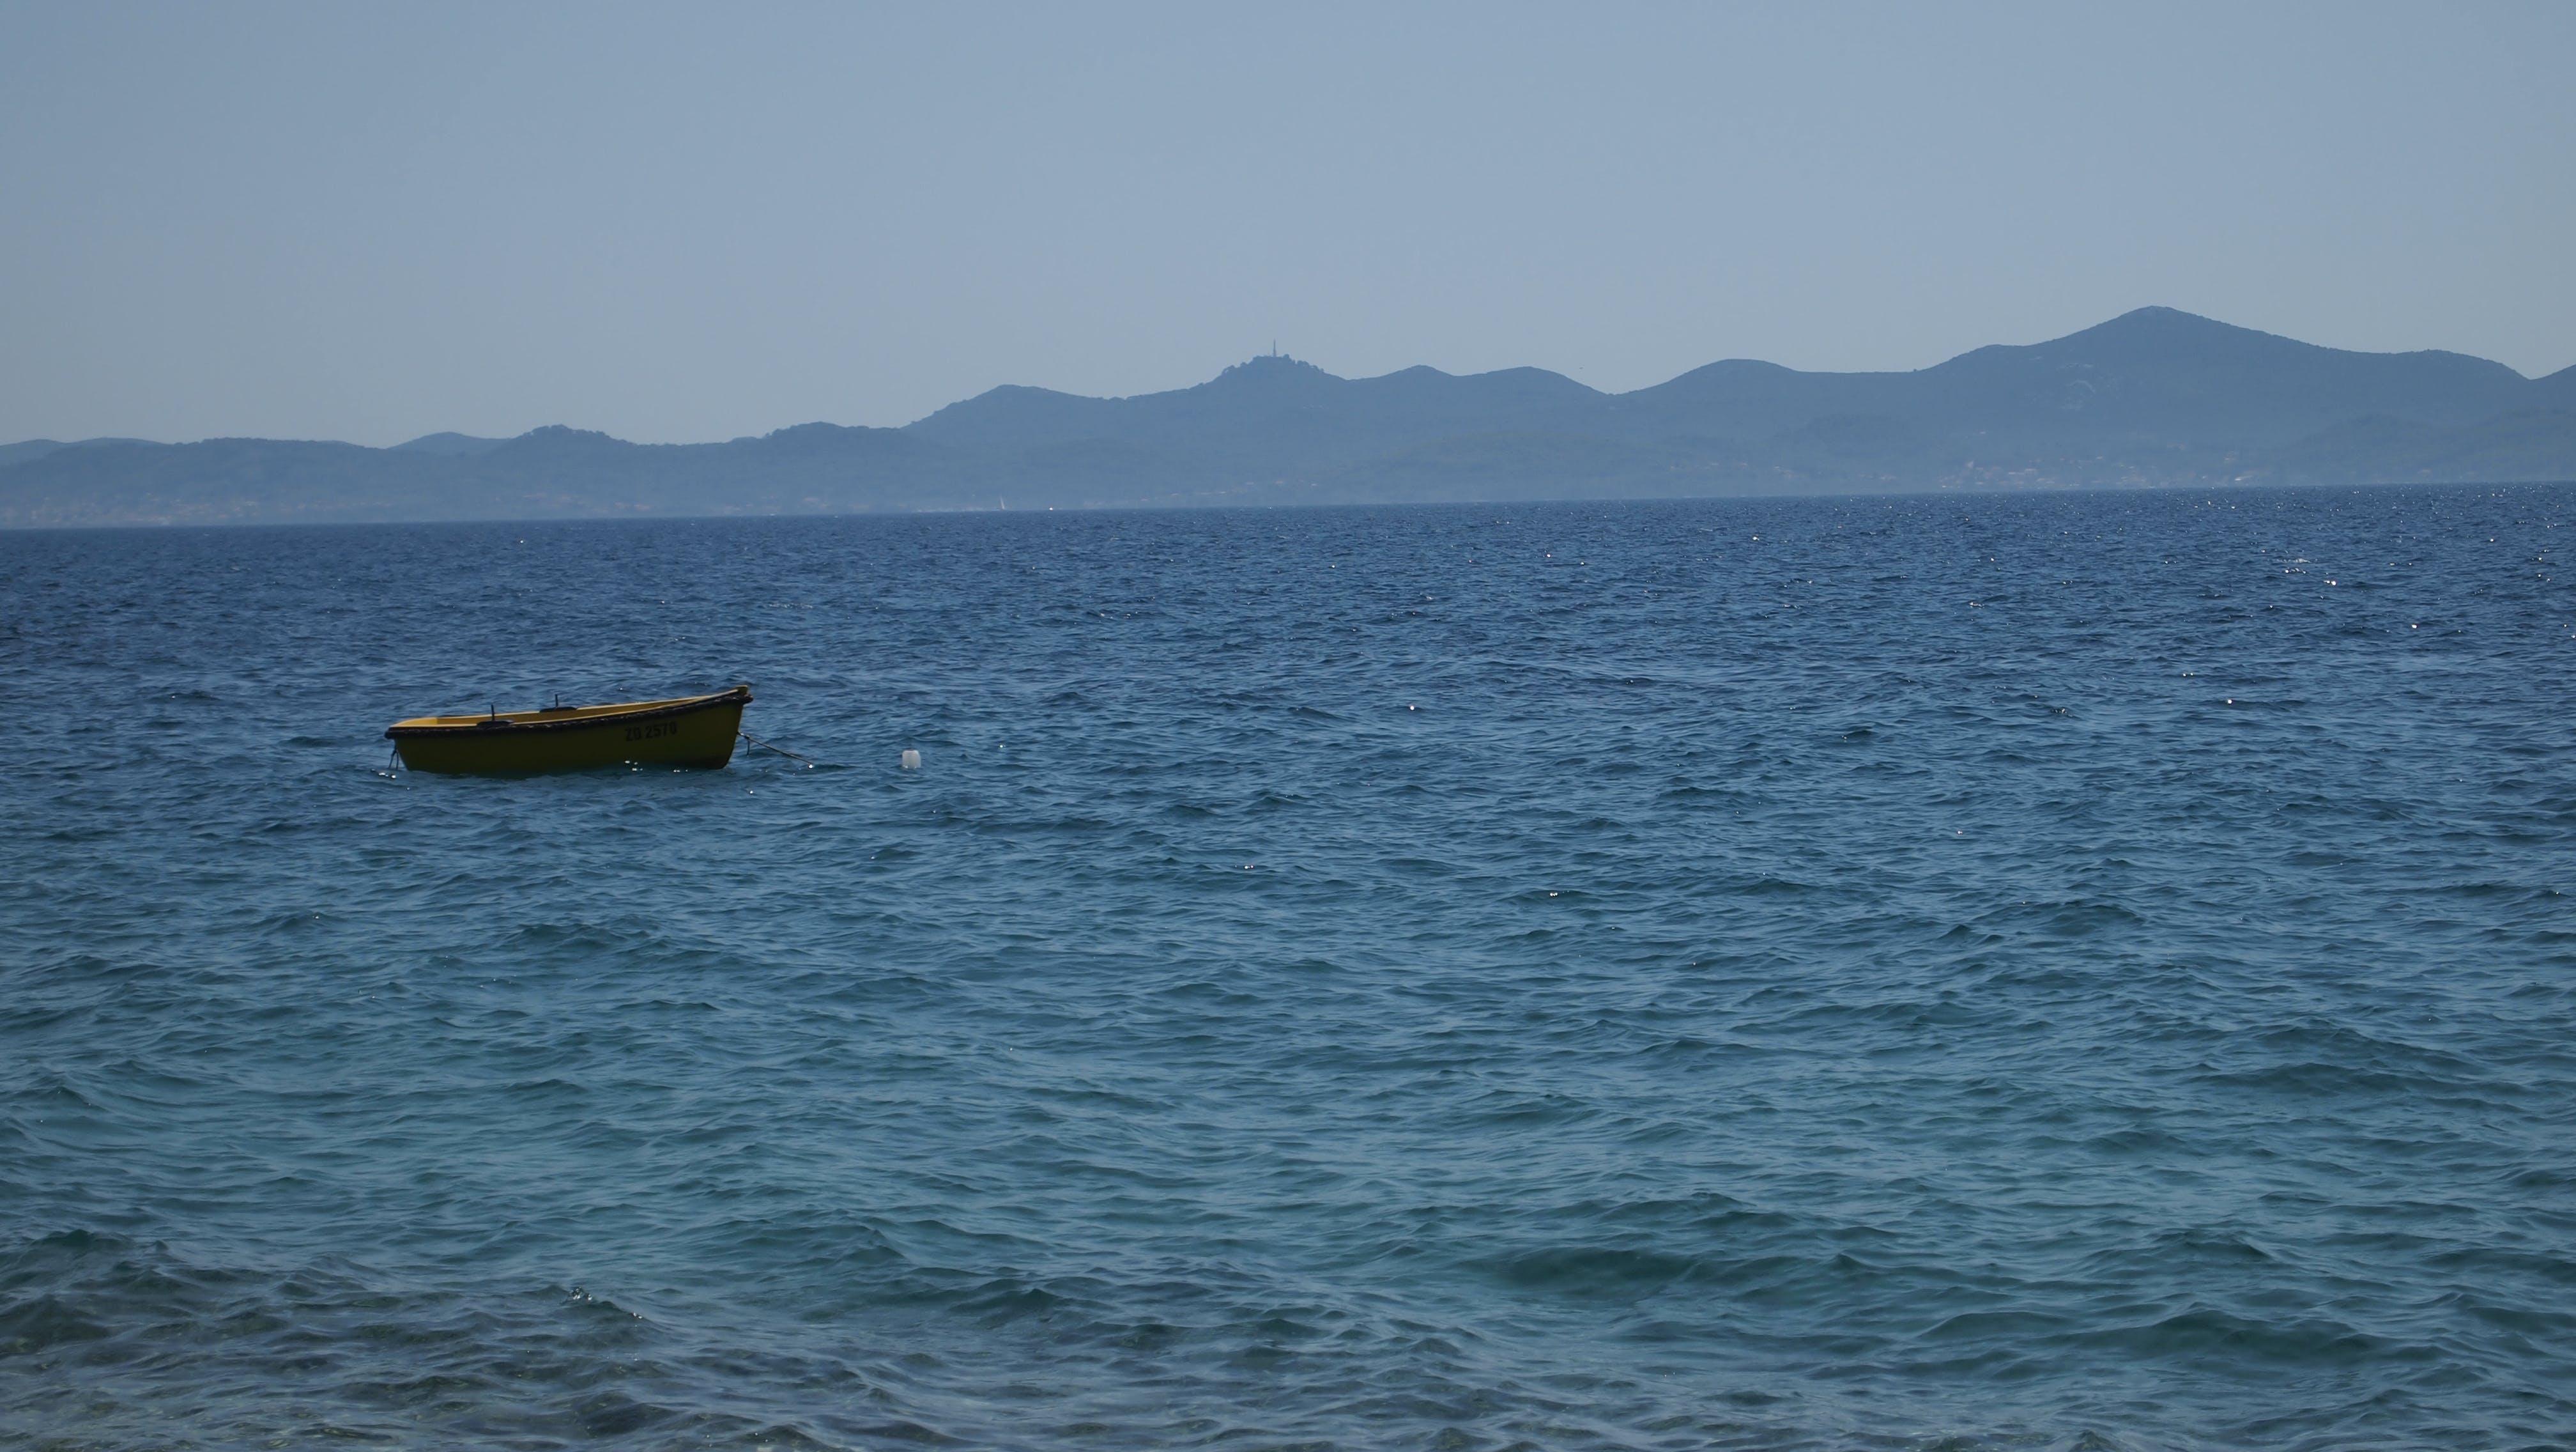 ボート, 海, 海岸山脈, 青の無料の写真素材